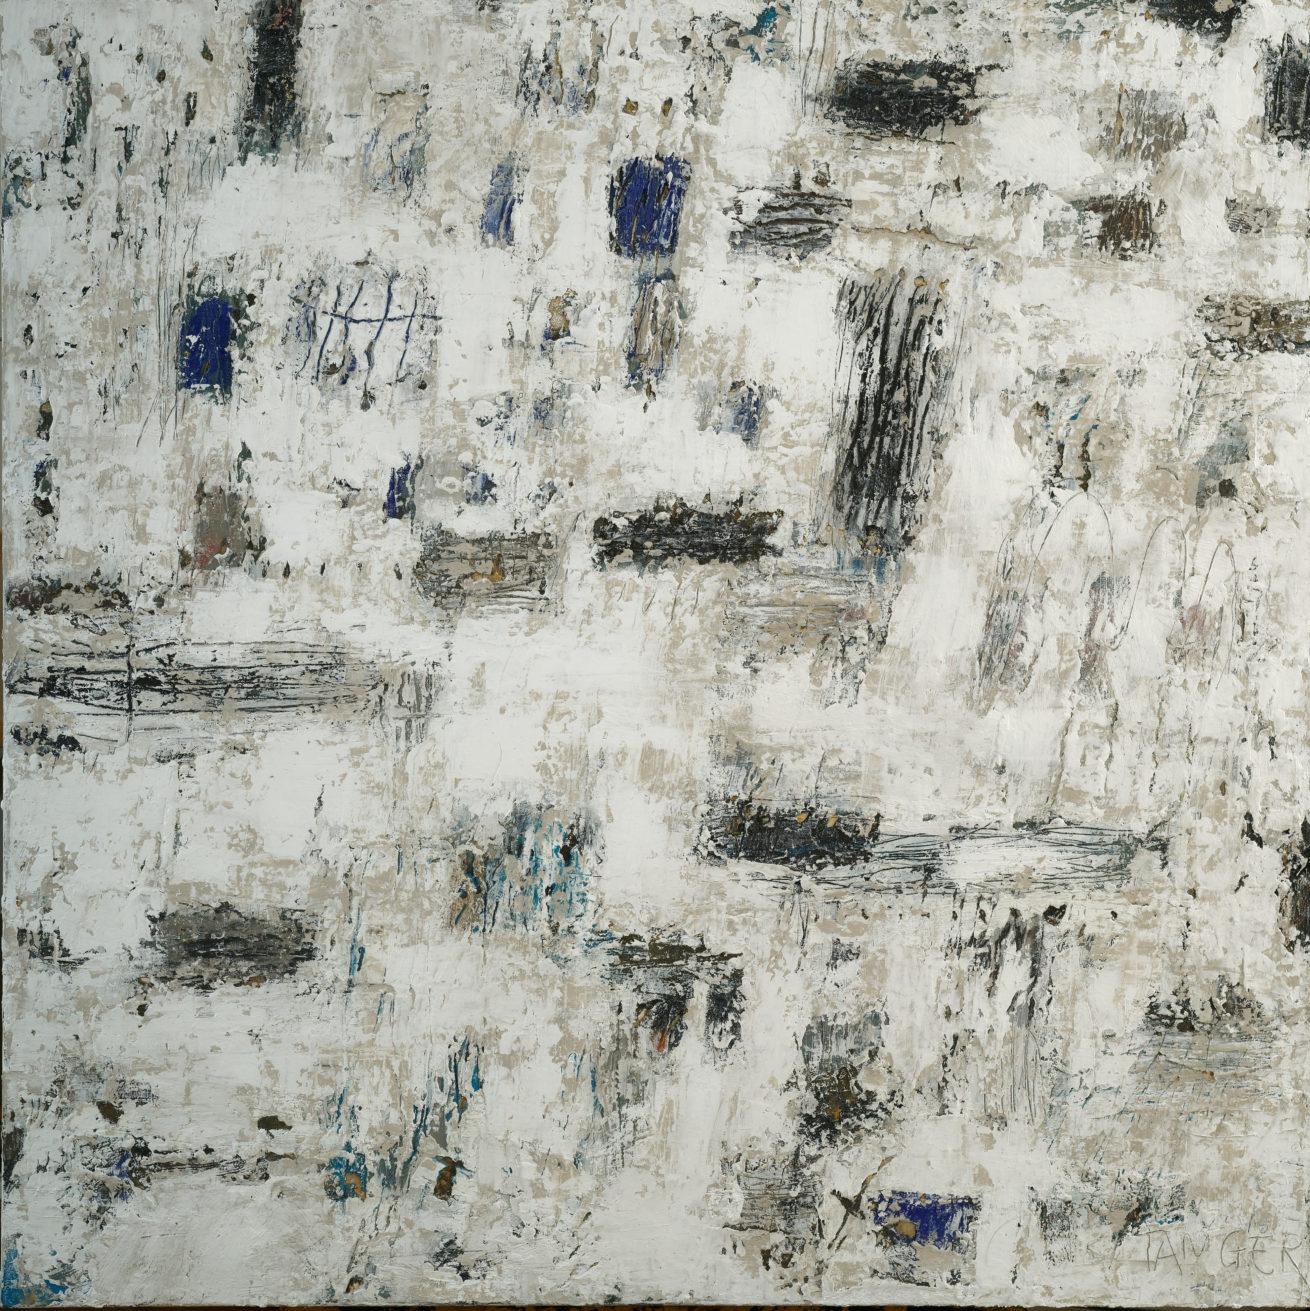 Tanger Huile sur toile Dim 100 x 100 cm